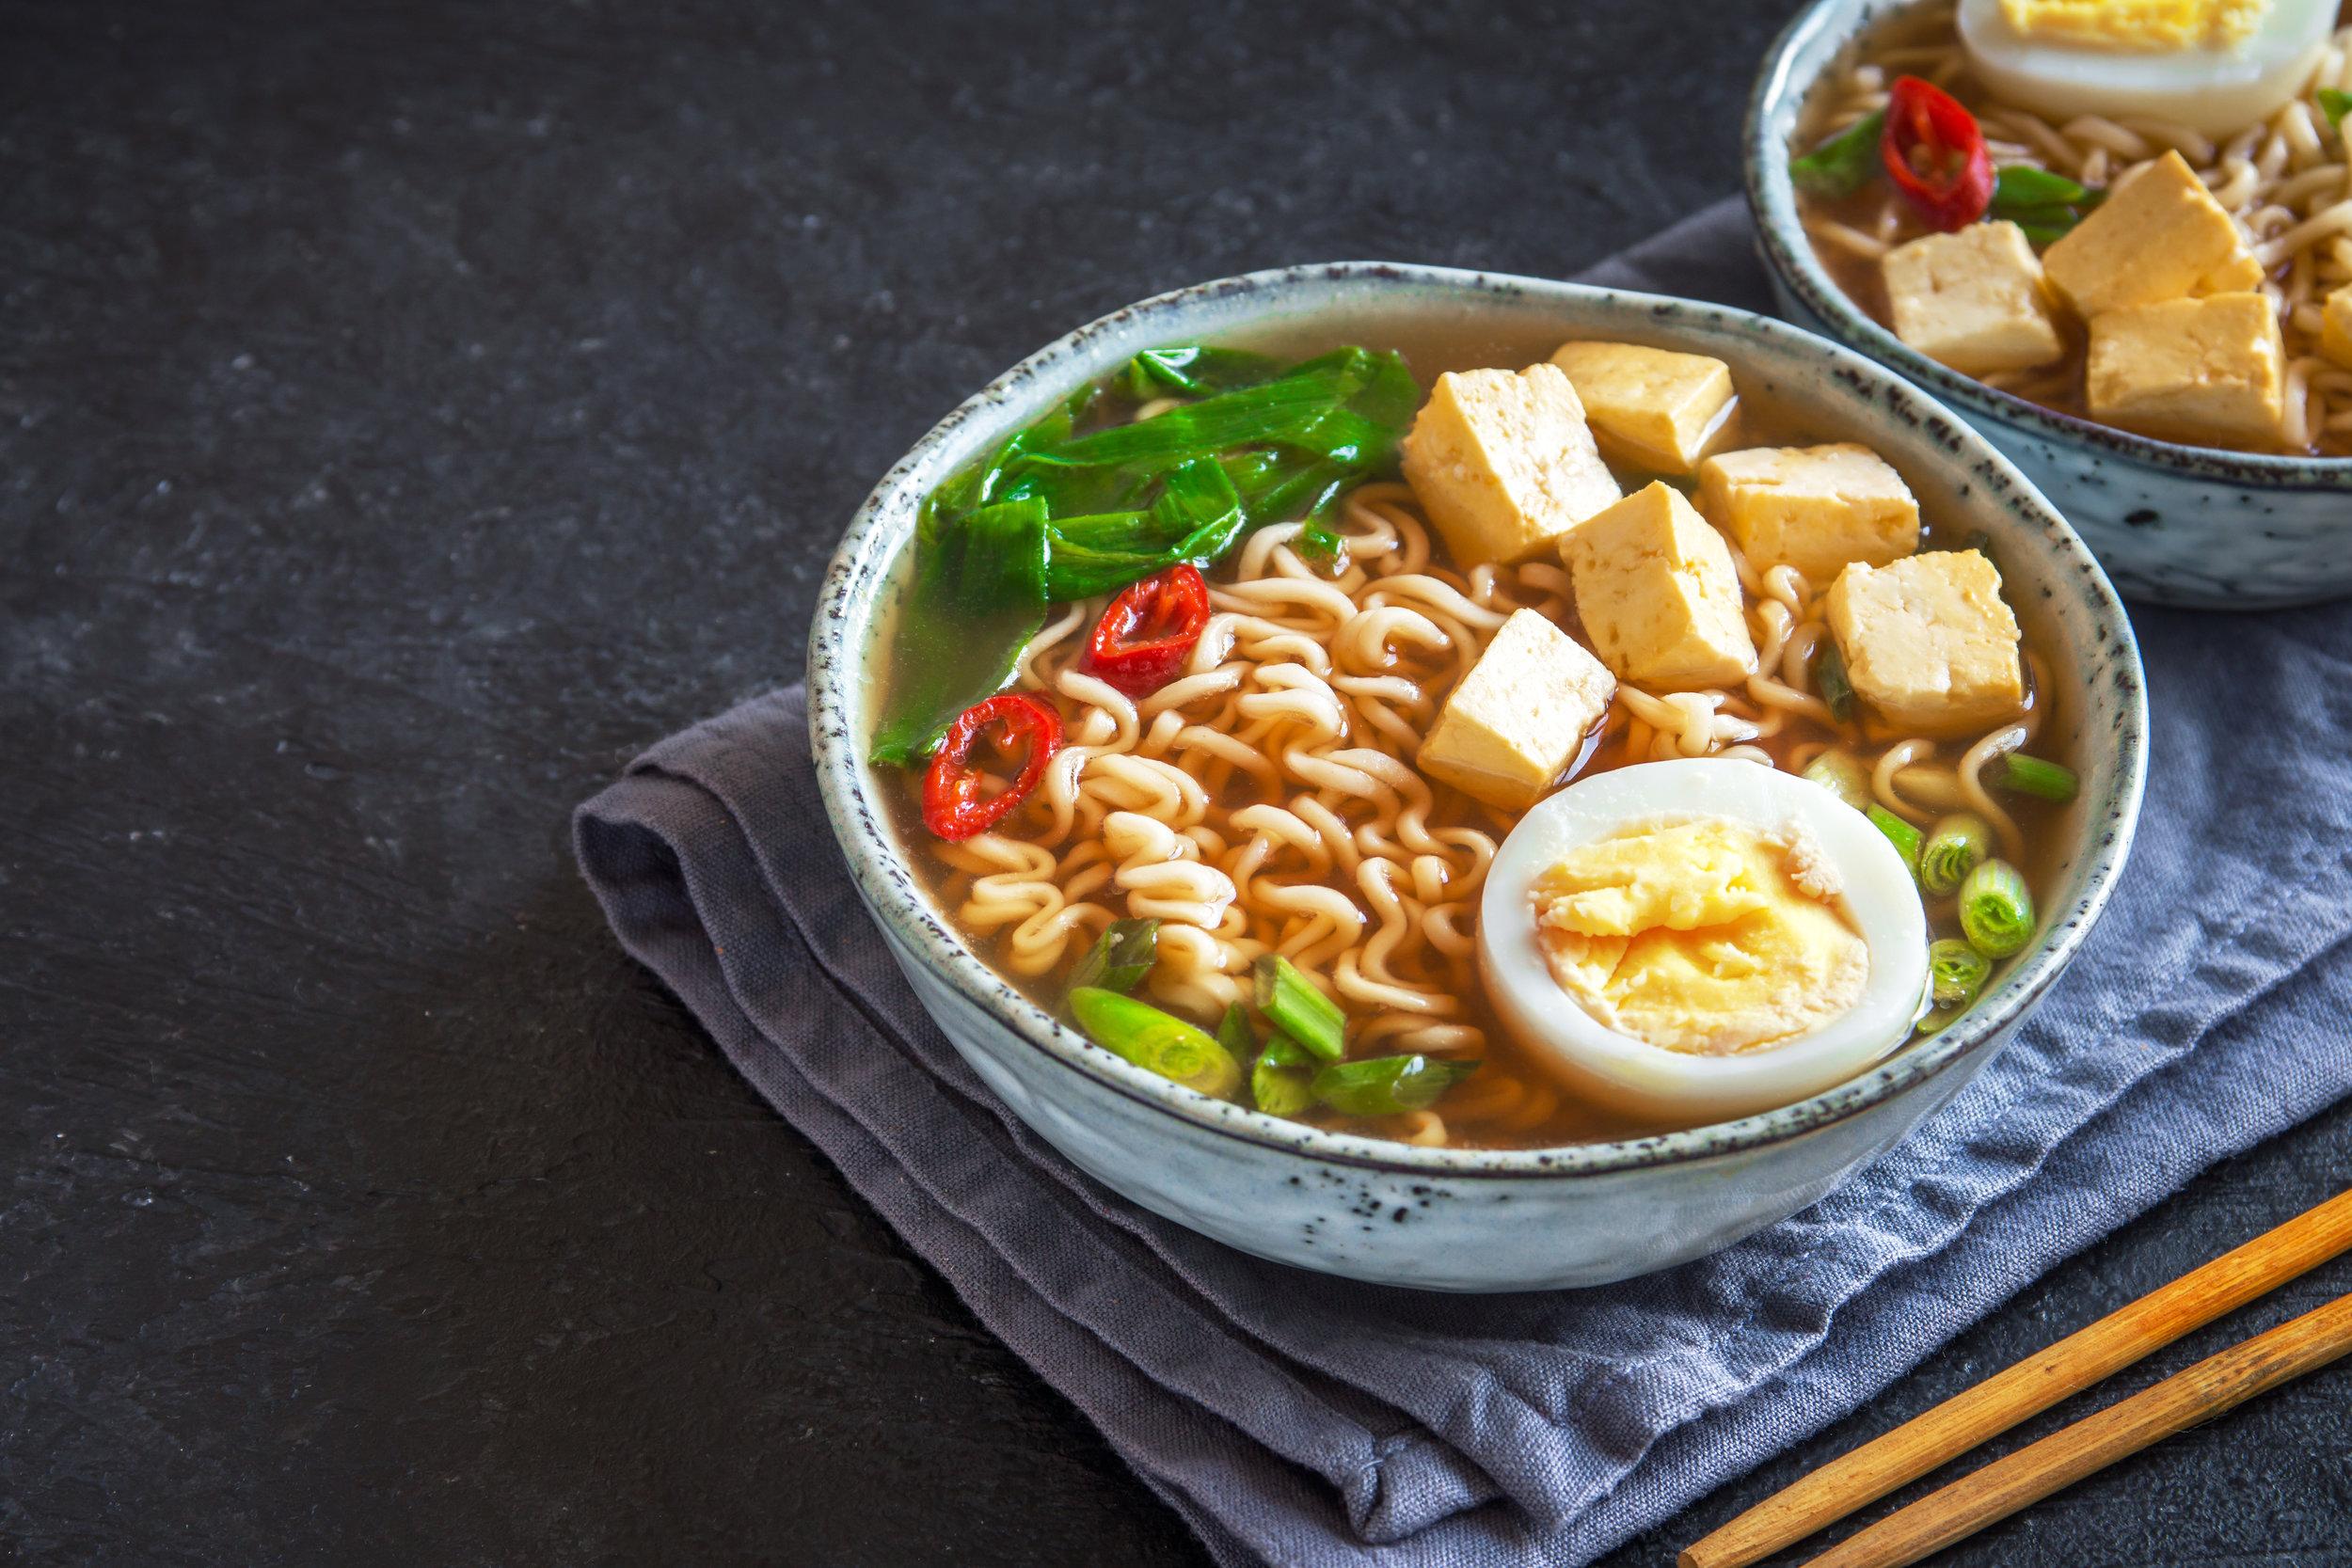 Truc #3 À son meilleur dans les plats en sauce! - Le tofu est à son meilleur dans les plats en sauce où il gagne le goût de celle-ci. Par exemple, cuisiner un cari de tofu ou remplacer la viande de votre recette de poulet au beurre par du tofu mettront ce dernier en valeur! Astuce du nutritionniste : Lors de votre prochain souper fondue, remplacez la moitié de la viande rouge sur la table par des cubes de tofu ferme. Vous serez agréablement surpris ; le tofu prendra le goût du bouillon à fondue et la texture d'un fromage cheddar très frais! Ingénieux et délicieux. S'il en reste, préparez simplement une soupe asiatique le lendemain midi avec des nouilles ramen, un oeuf cuit dur, des oignons verts et vos cubes de tofu de la veille.